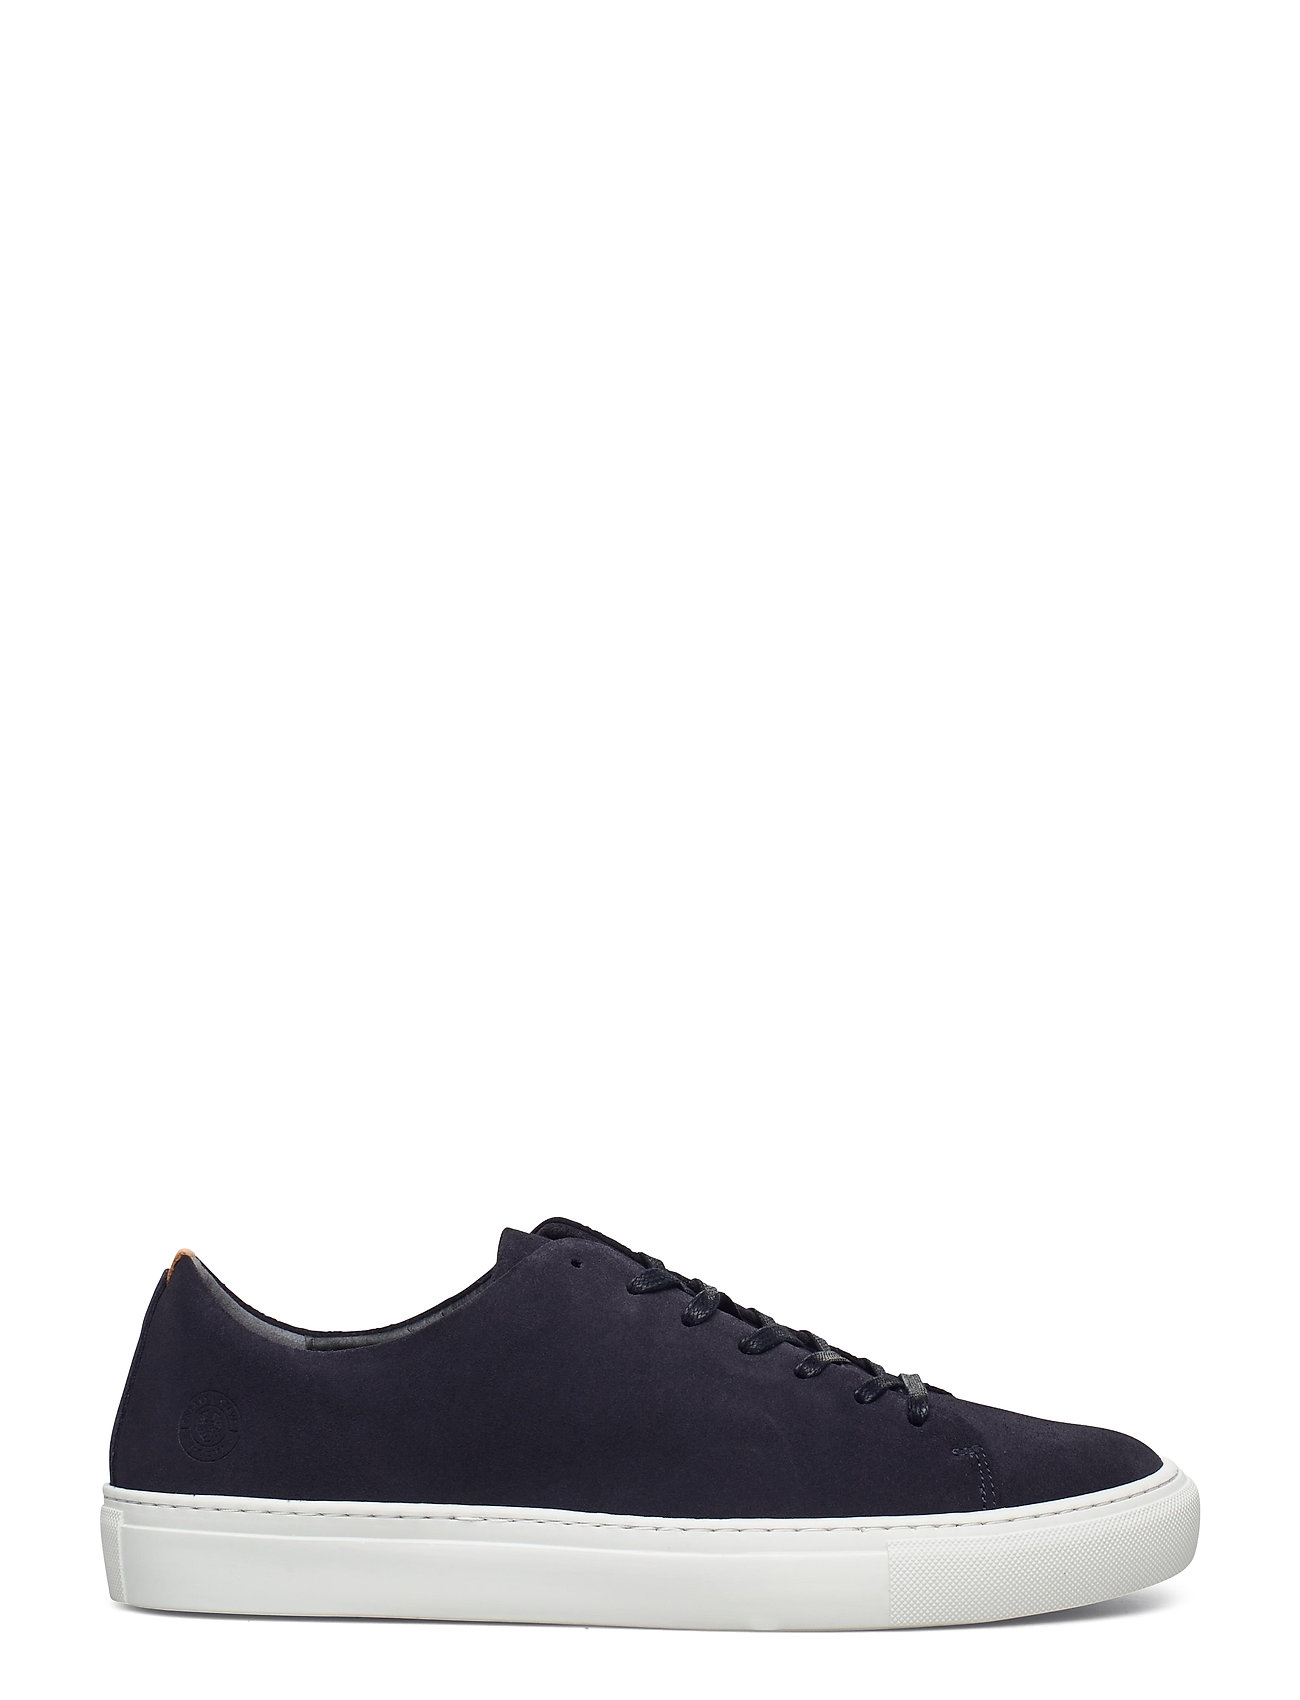 Image of Less Suede Shoe Low-top Sneakers Blå Sneaky Steve (3486574131)